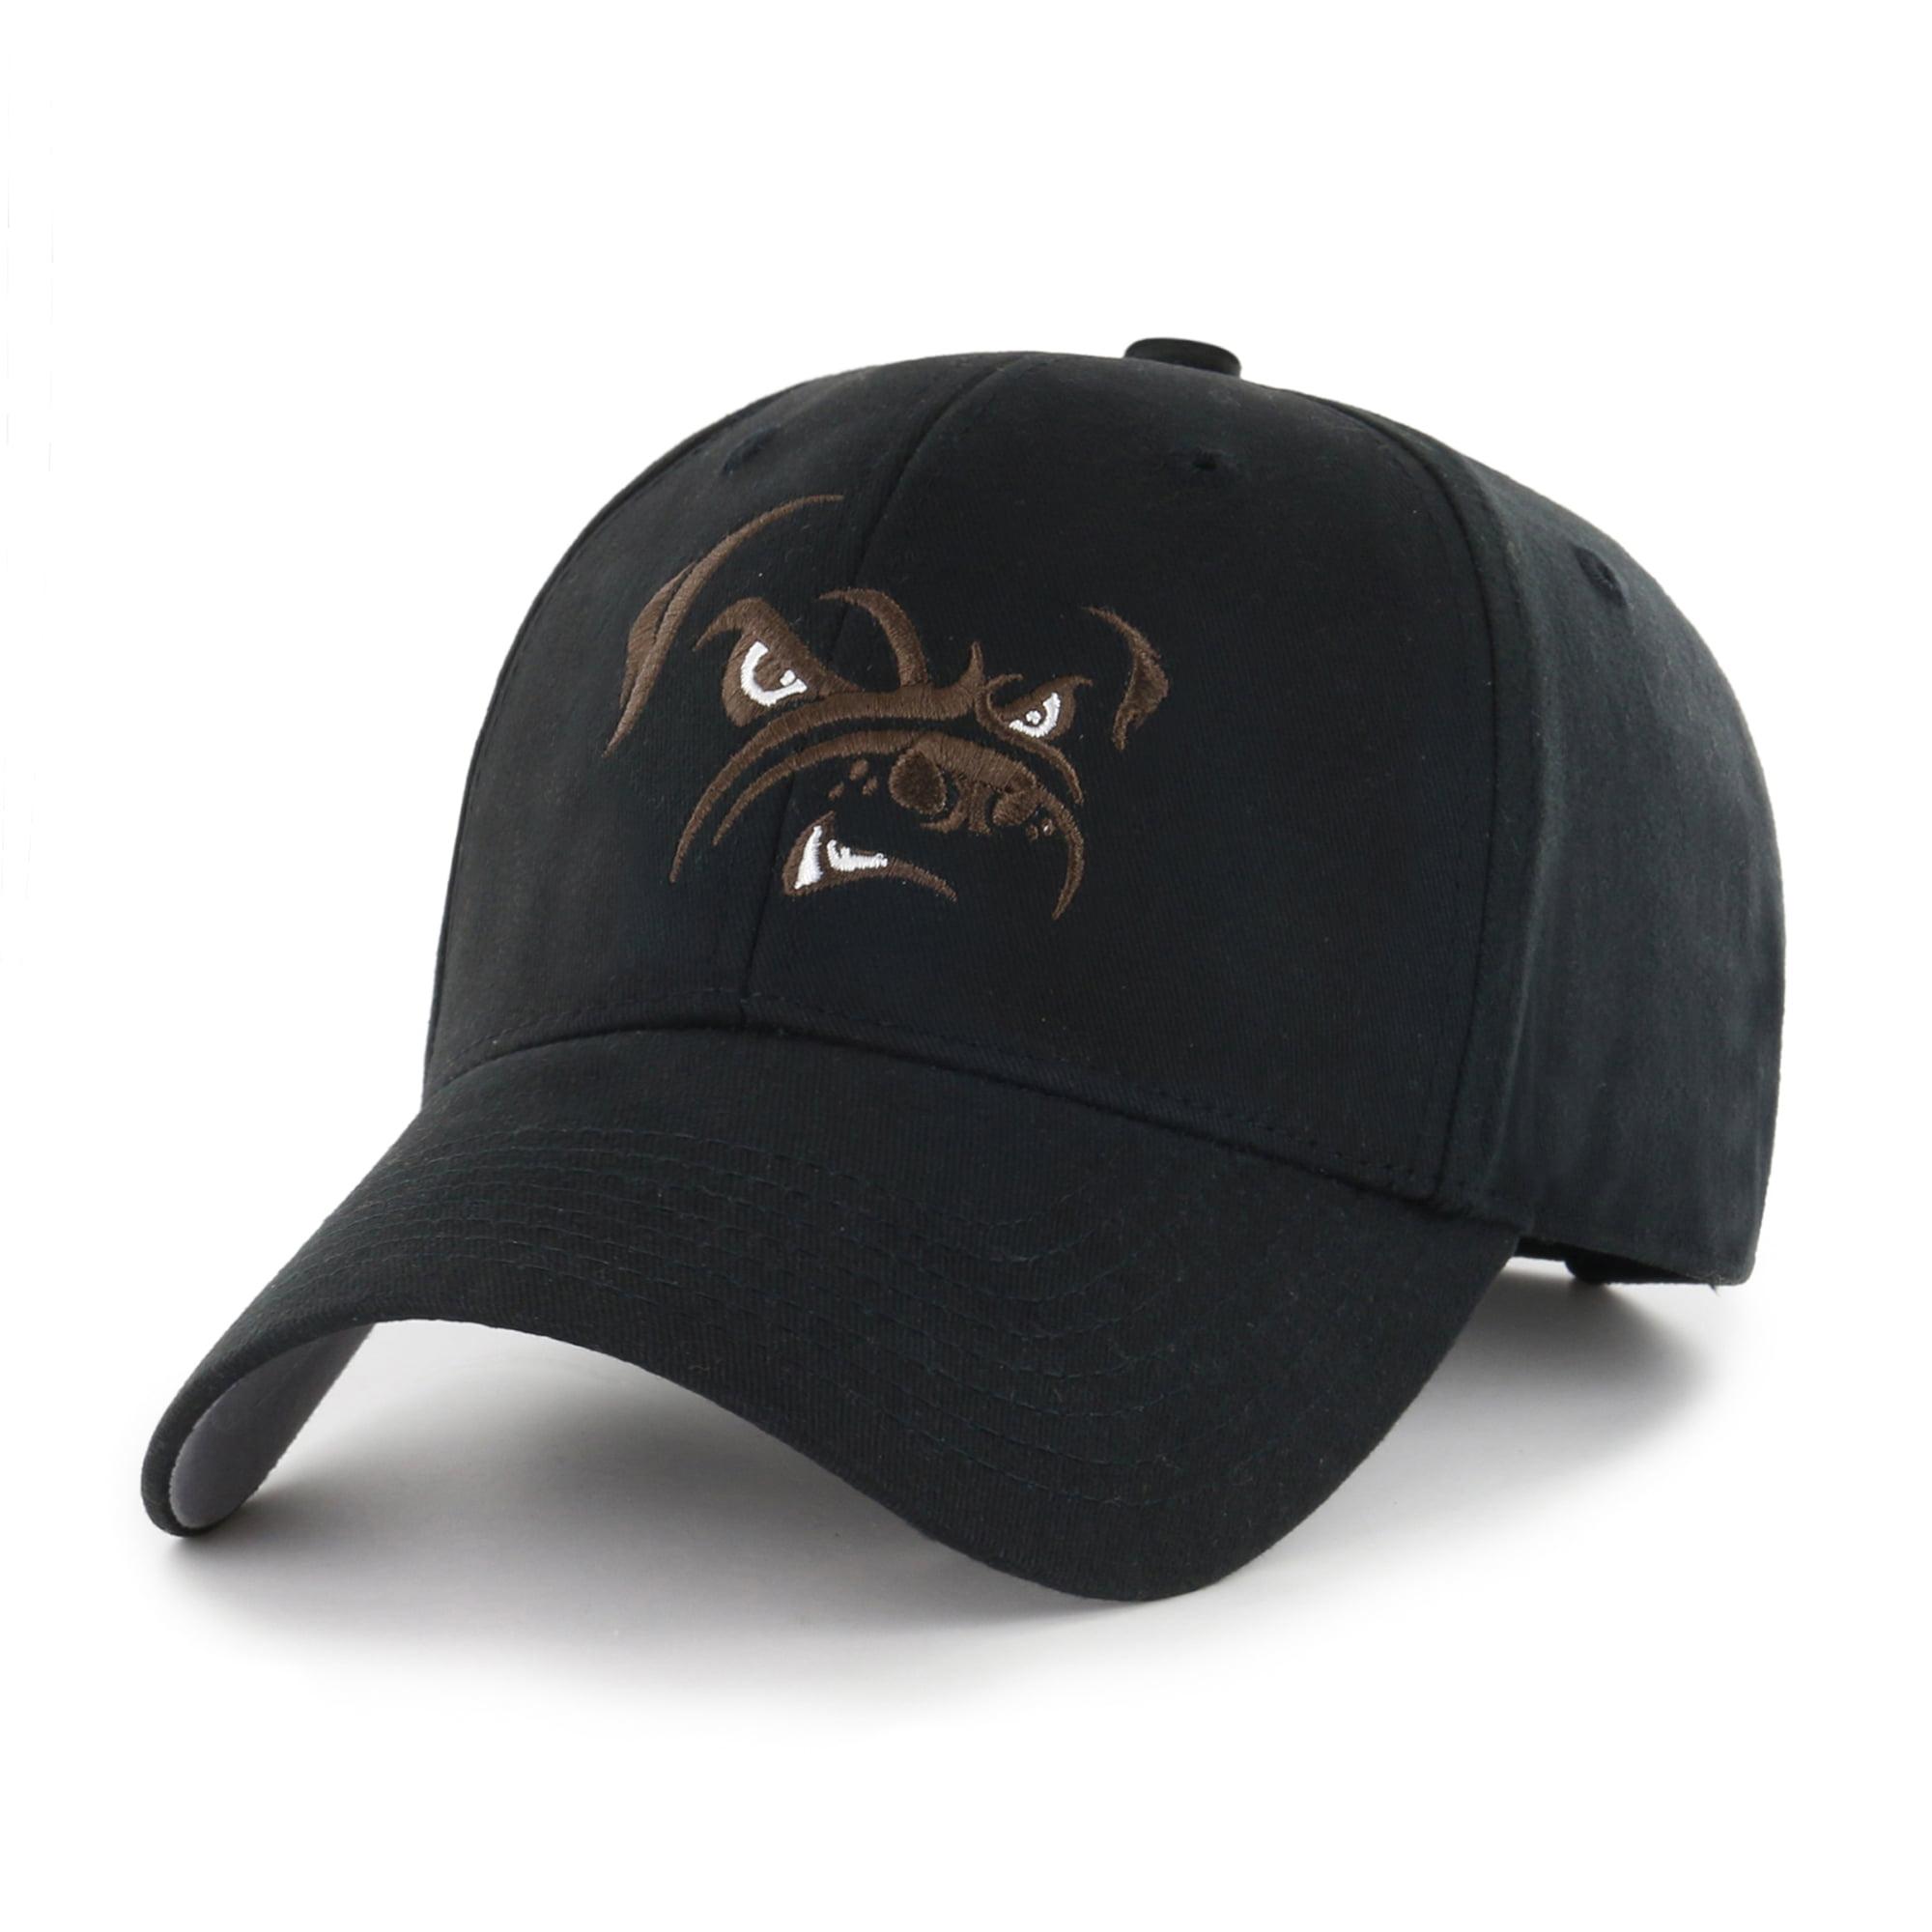 2fc5f09f australia black cleveland browns hat 4f46b 1bd83